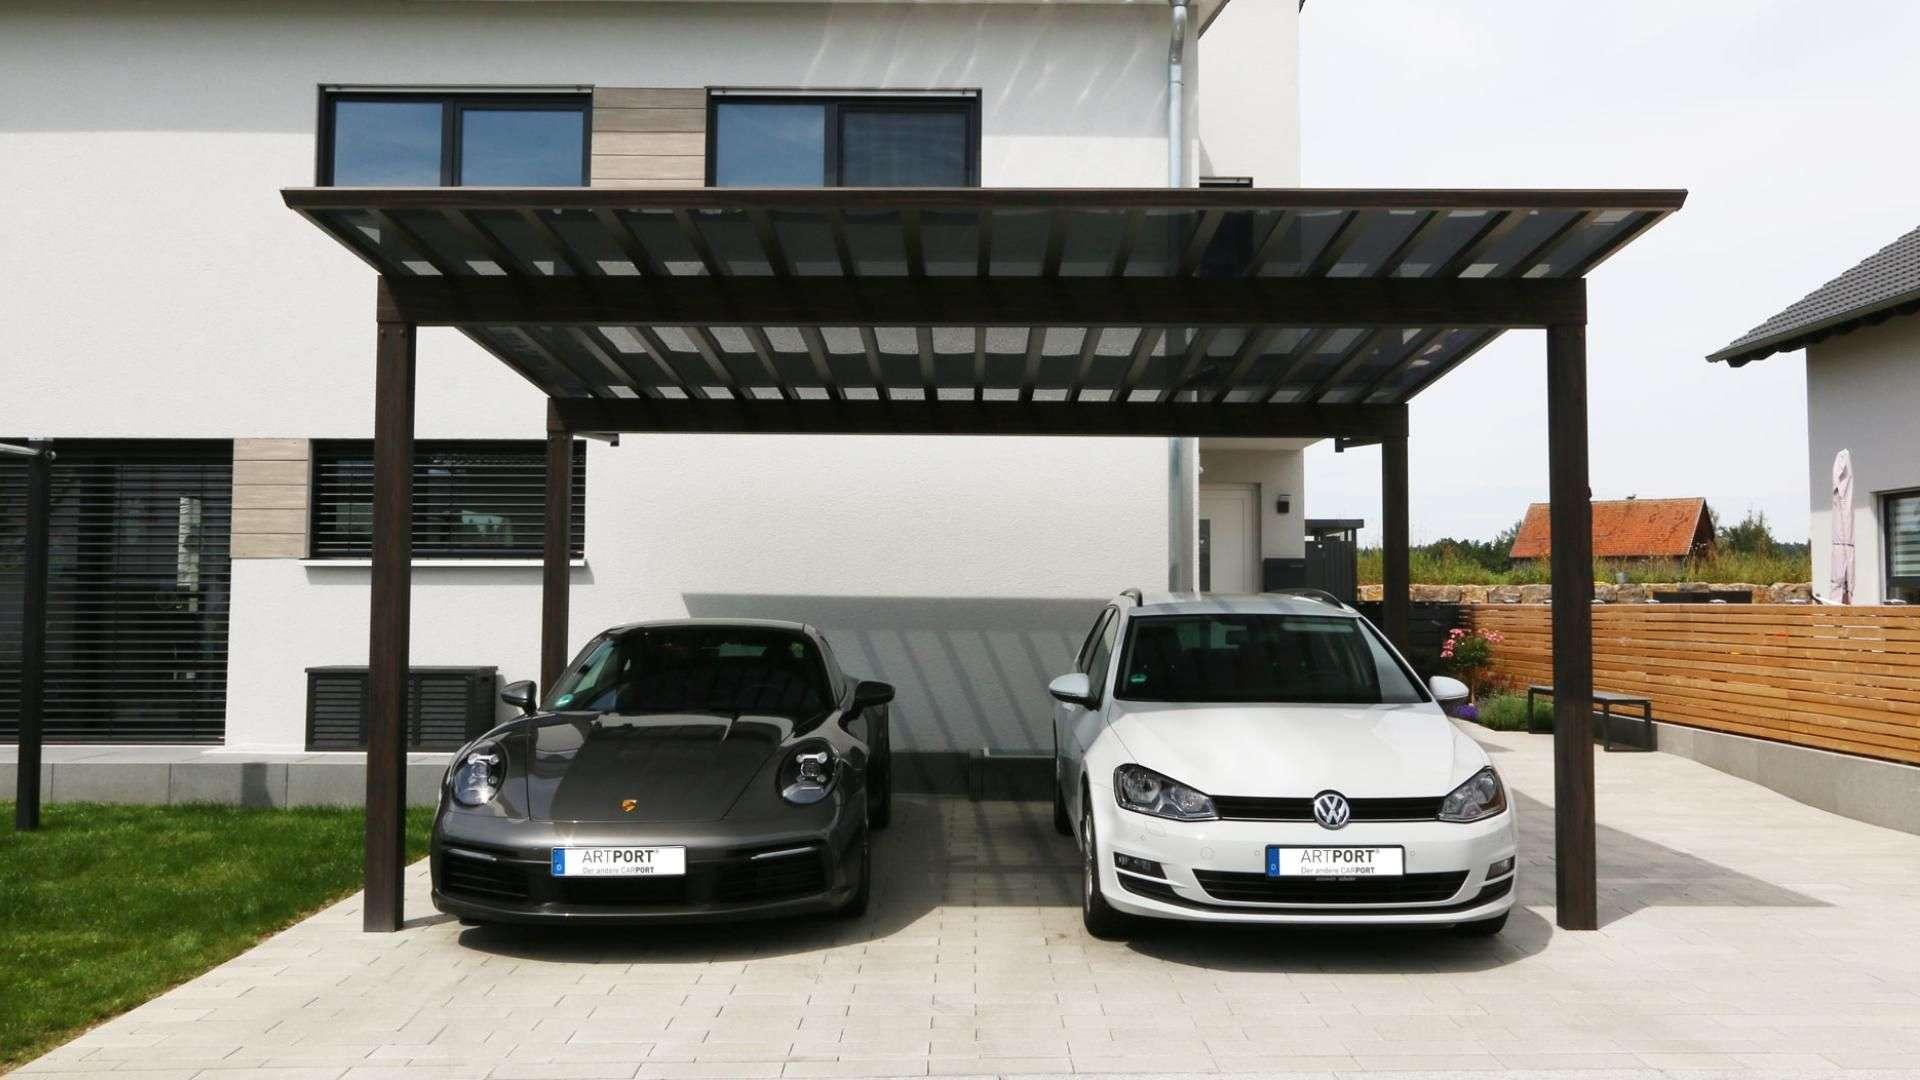 zwei Autos unter einem Carport Artport vor einem Wohnhaus